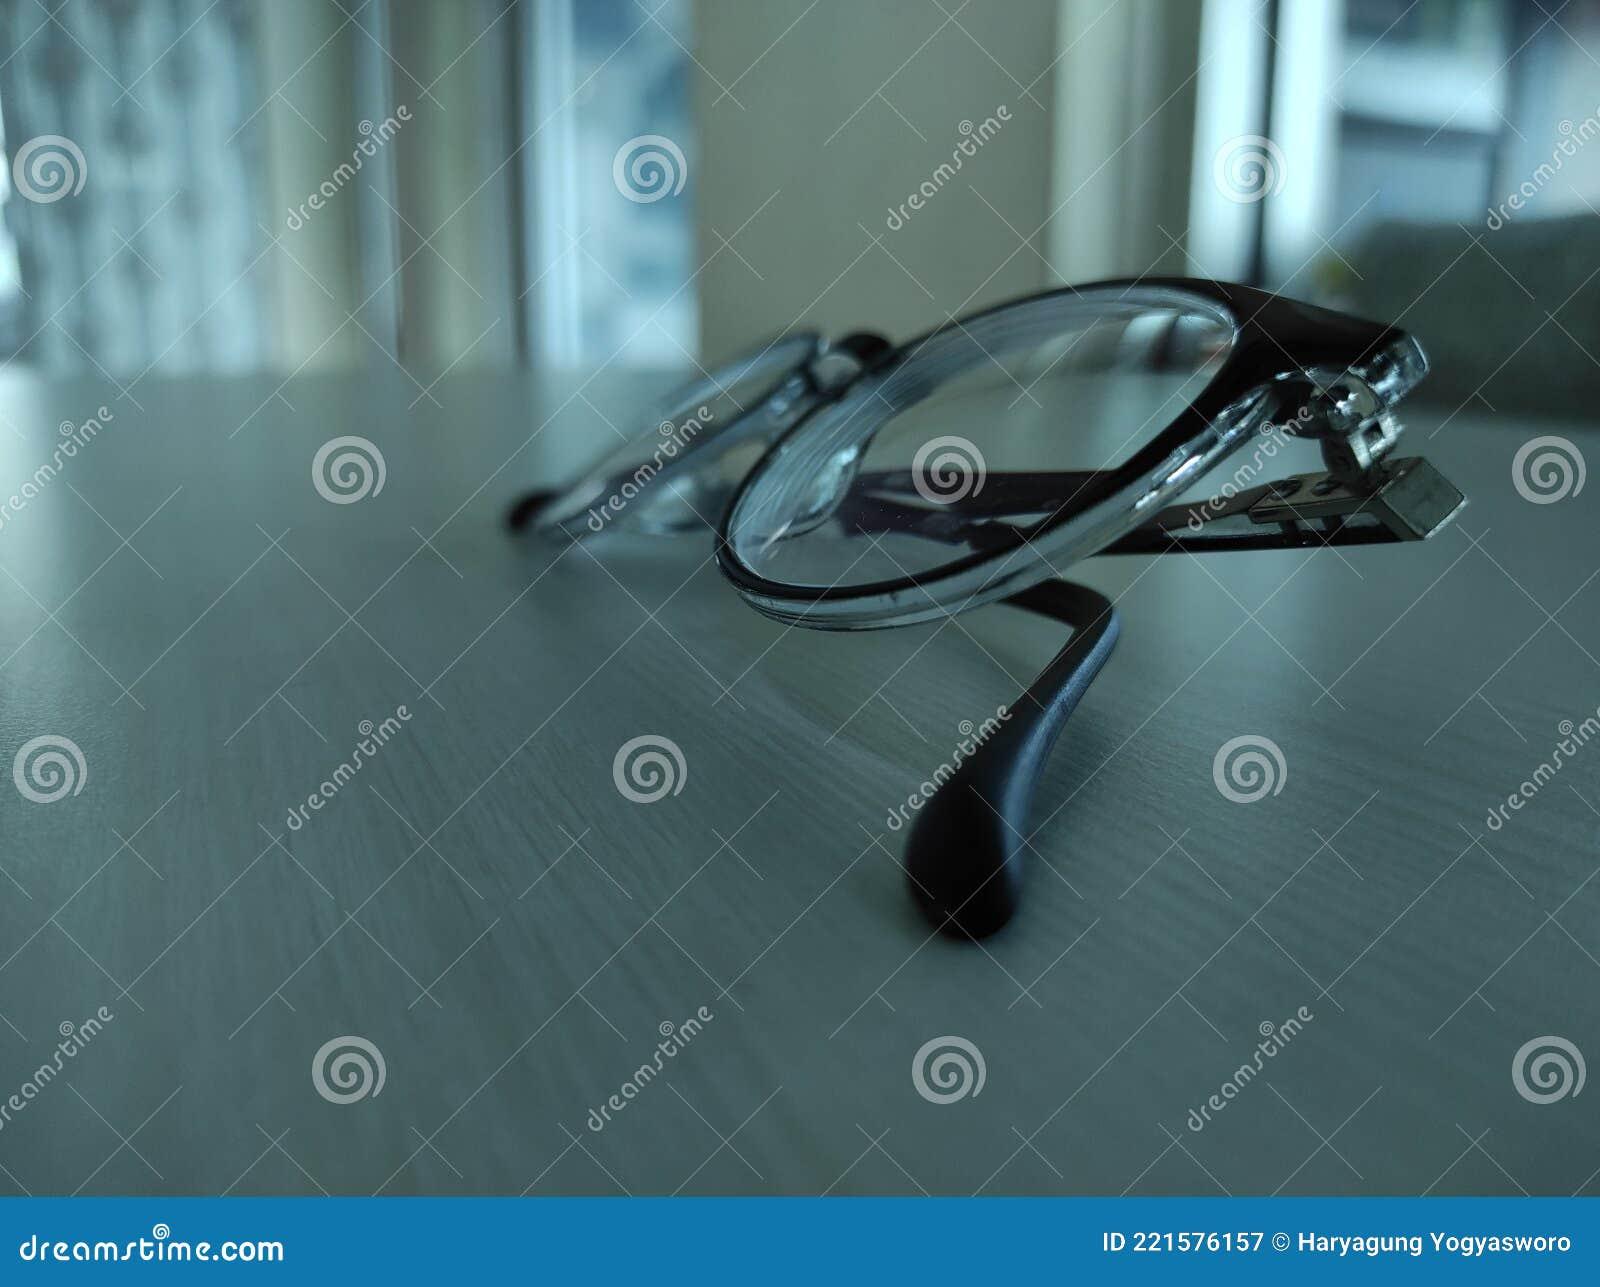 Auf Dem Holztisch Isolierte Brille Von Der Seite Stockbild - Bild von beleuchtung, getrennt